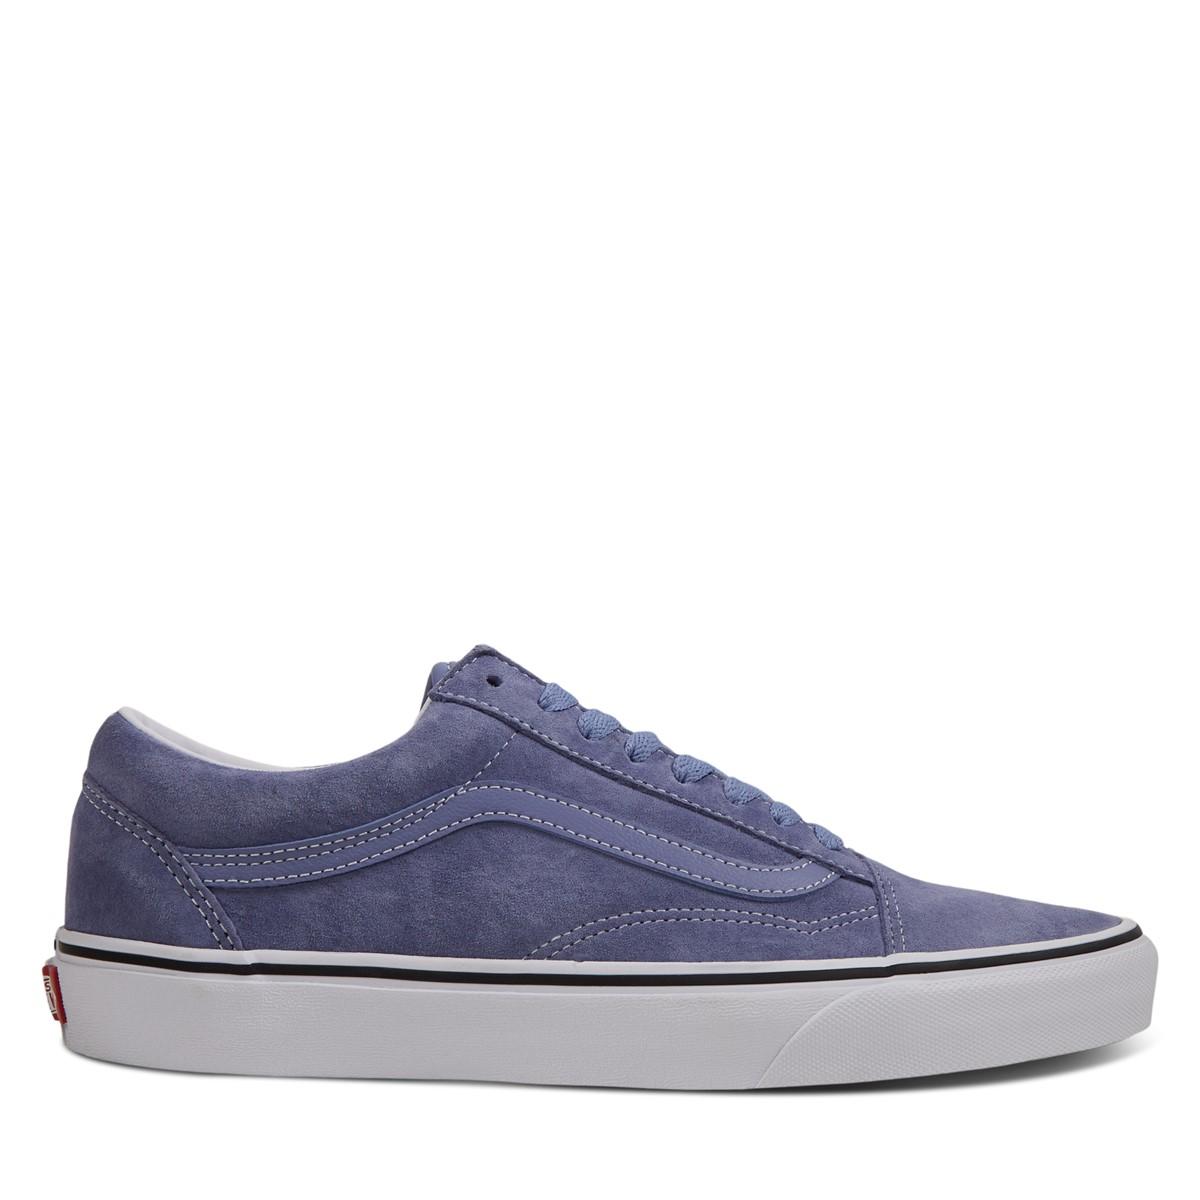 Men's Old Skool Sneakers in Blue Suede